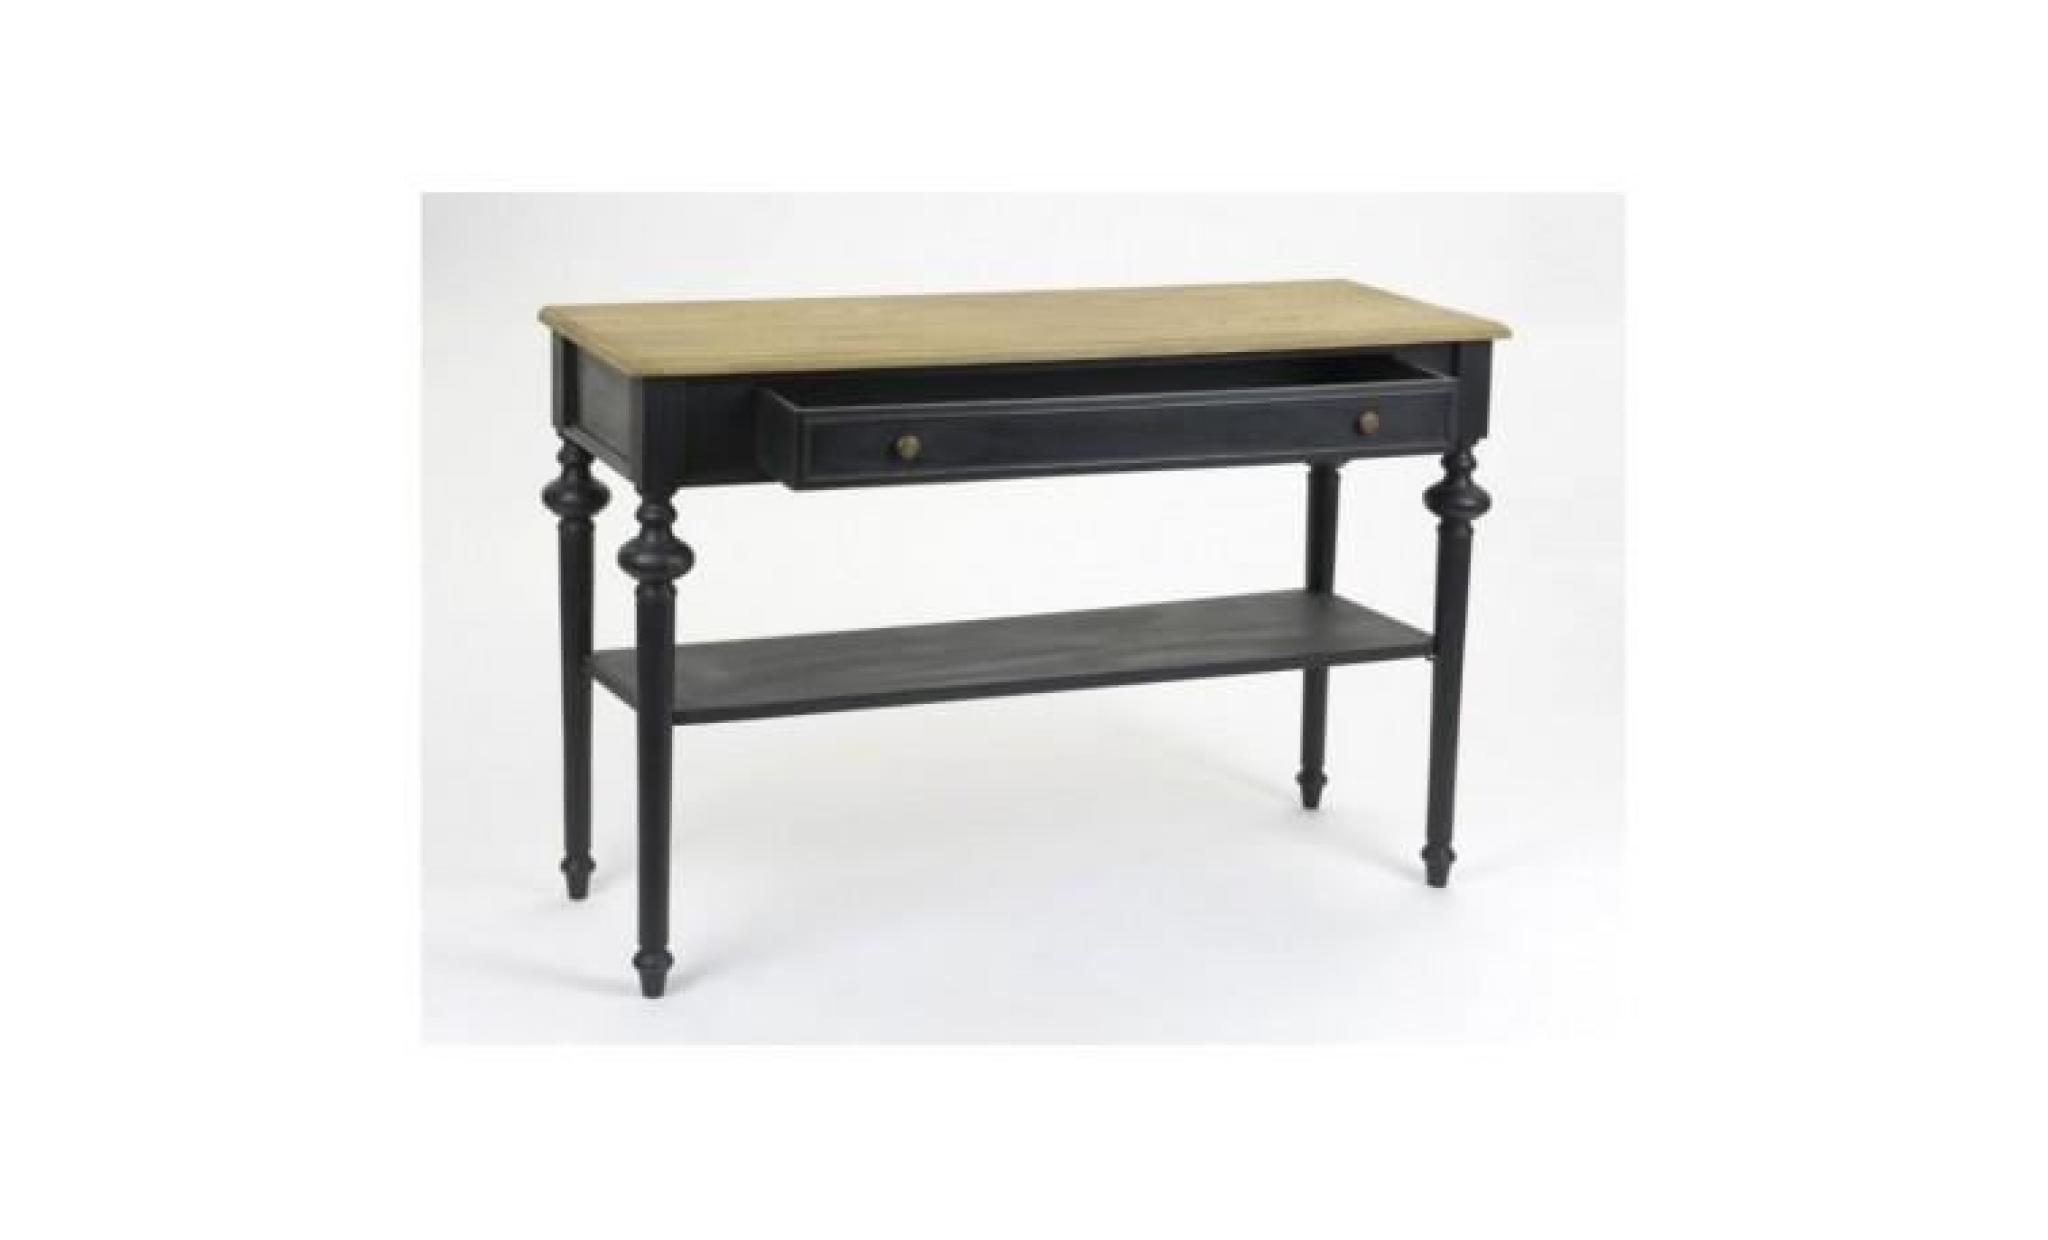 console gm new legende amadeus achat vente console meuble pas cher couleur et design fr